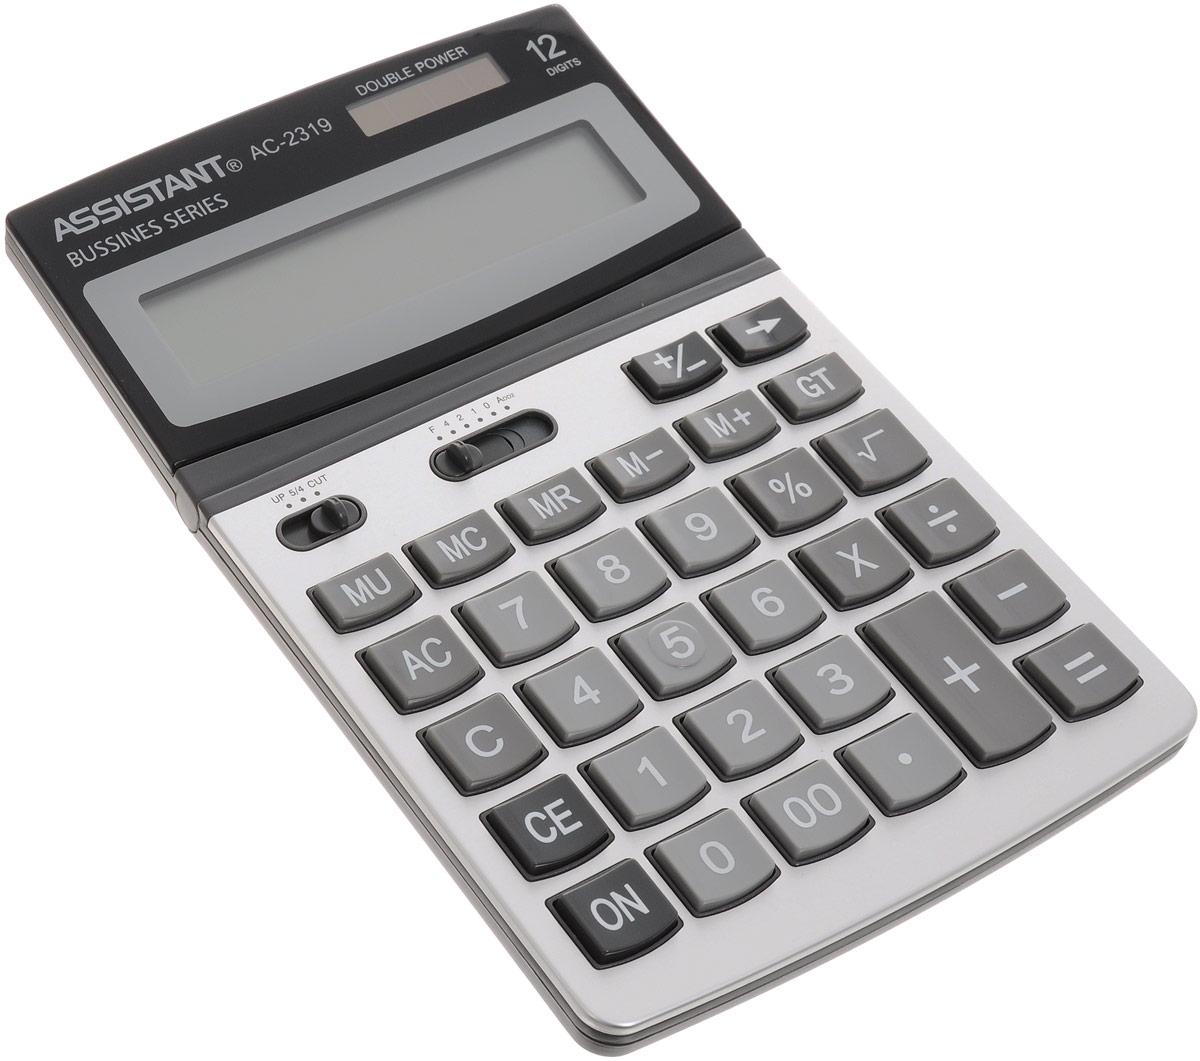 Калькулятор Assistant AC-2319, 12-разрядныйFS-00103Классический настольный калькулятор с большим 12-разрядным дисплеем и чувствительной клавиатурой с большими пластиковыми кнопками. Калькулятор имеет двойную систему питания: от солнечного элемента и от батареи, - что гарантирует ему бесперебойную работу на несколько лет. Привлекательный стильный дизайн сделает калькулятор отличным дополнением вашего рабочего места.12-ти разрядный дисплей Вычисление процентов Итоговая сумма Операции с наценками и скидкамиДвойное питаниеПластиковые кнопкиМеталлическая лицевая панельРегулируемый дисплейУдаление последнего введенного символа Характеристики: Размер калькулятора: 20 х 13 х 2,8 см. Размер дисплея: 10,3 см х 2,3 см. Цвет: черный, серый. Изготовитель: Китай.